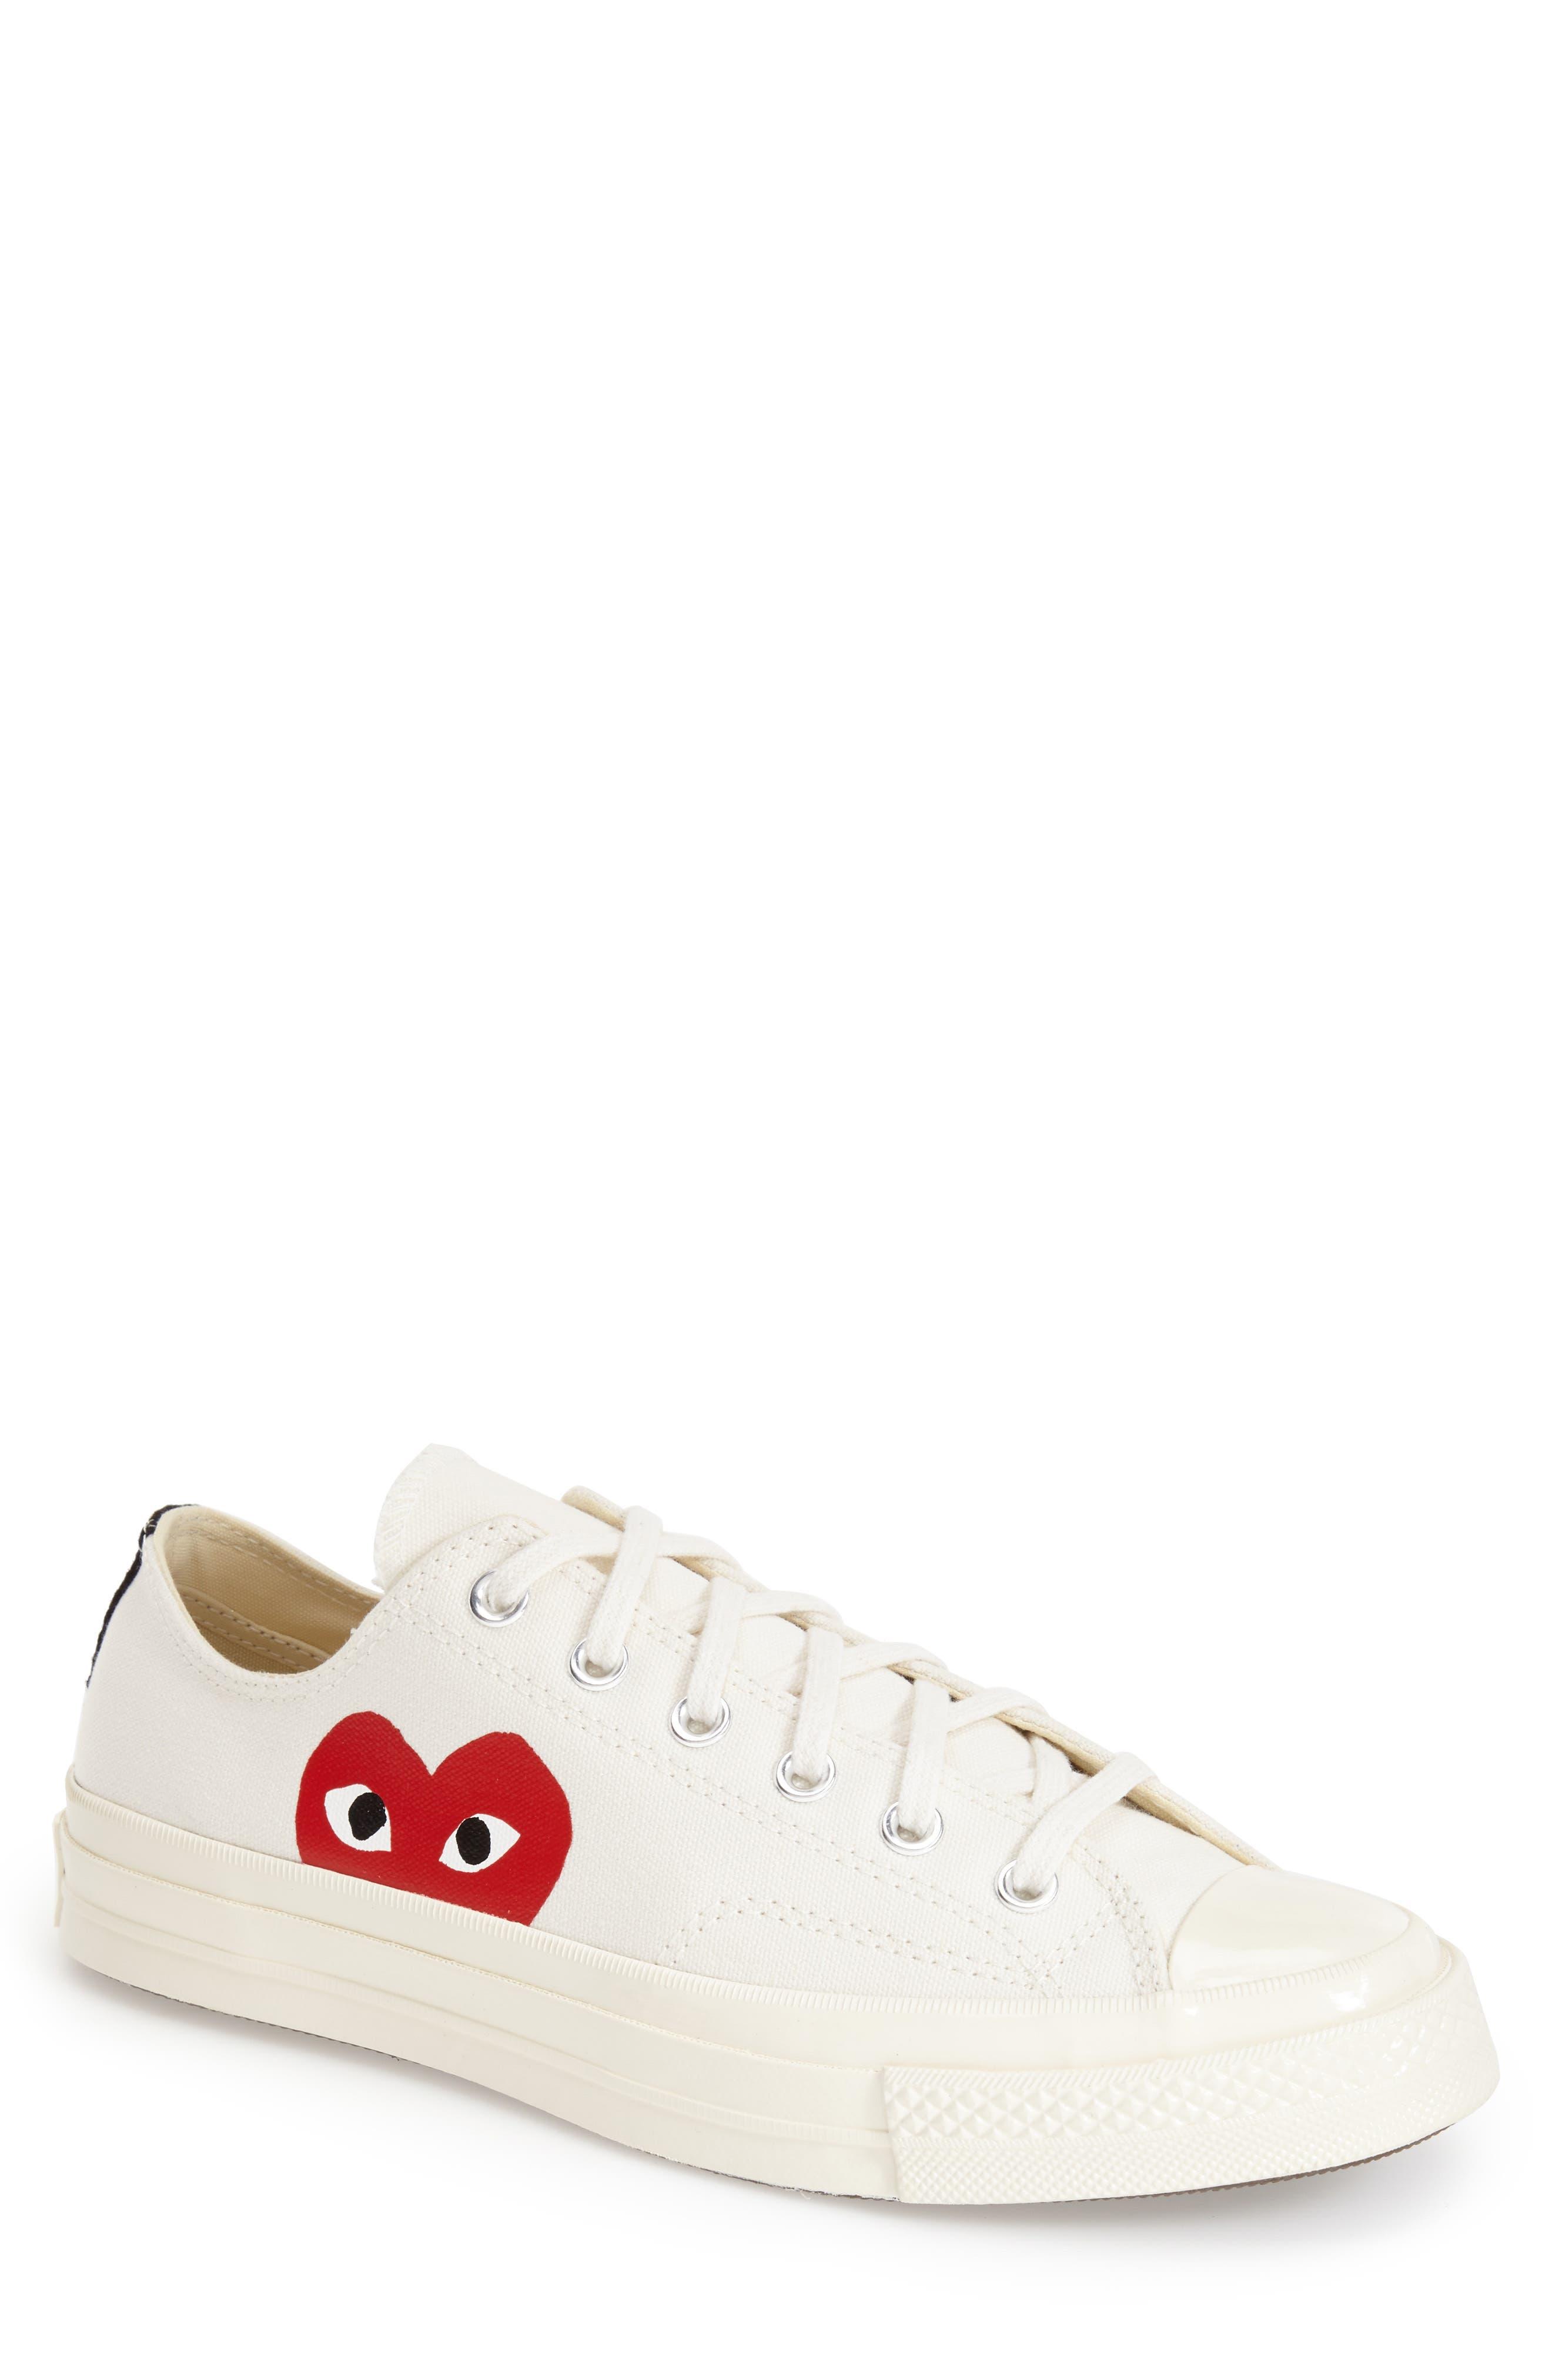 Alternate Image 1 Selected - Comme des Garçons PLAY x Converse Chuck Taylor® Hidden Heart Low Top Sneaker (Women)